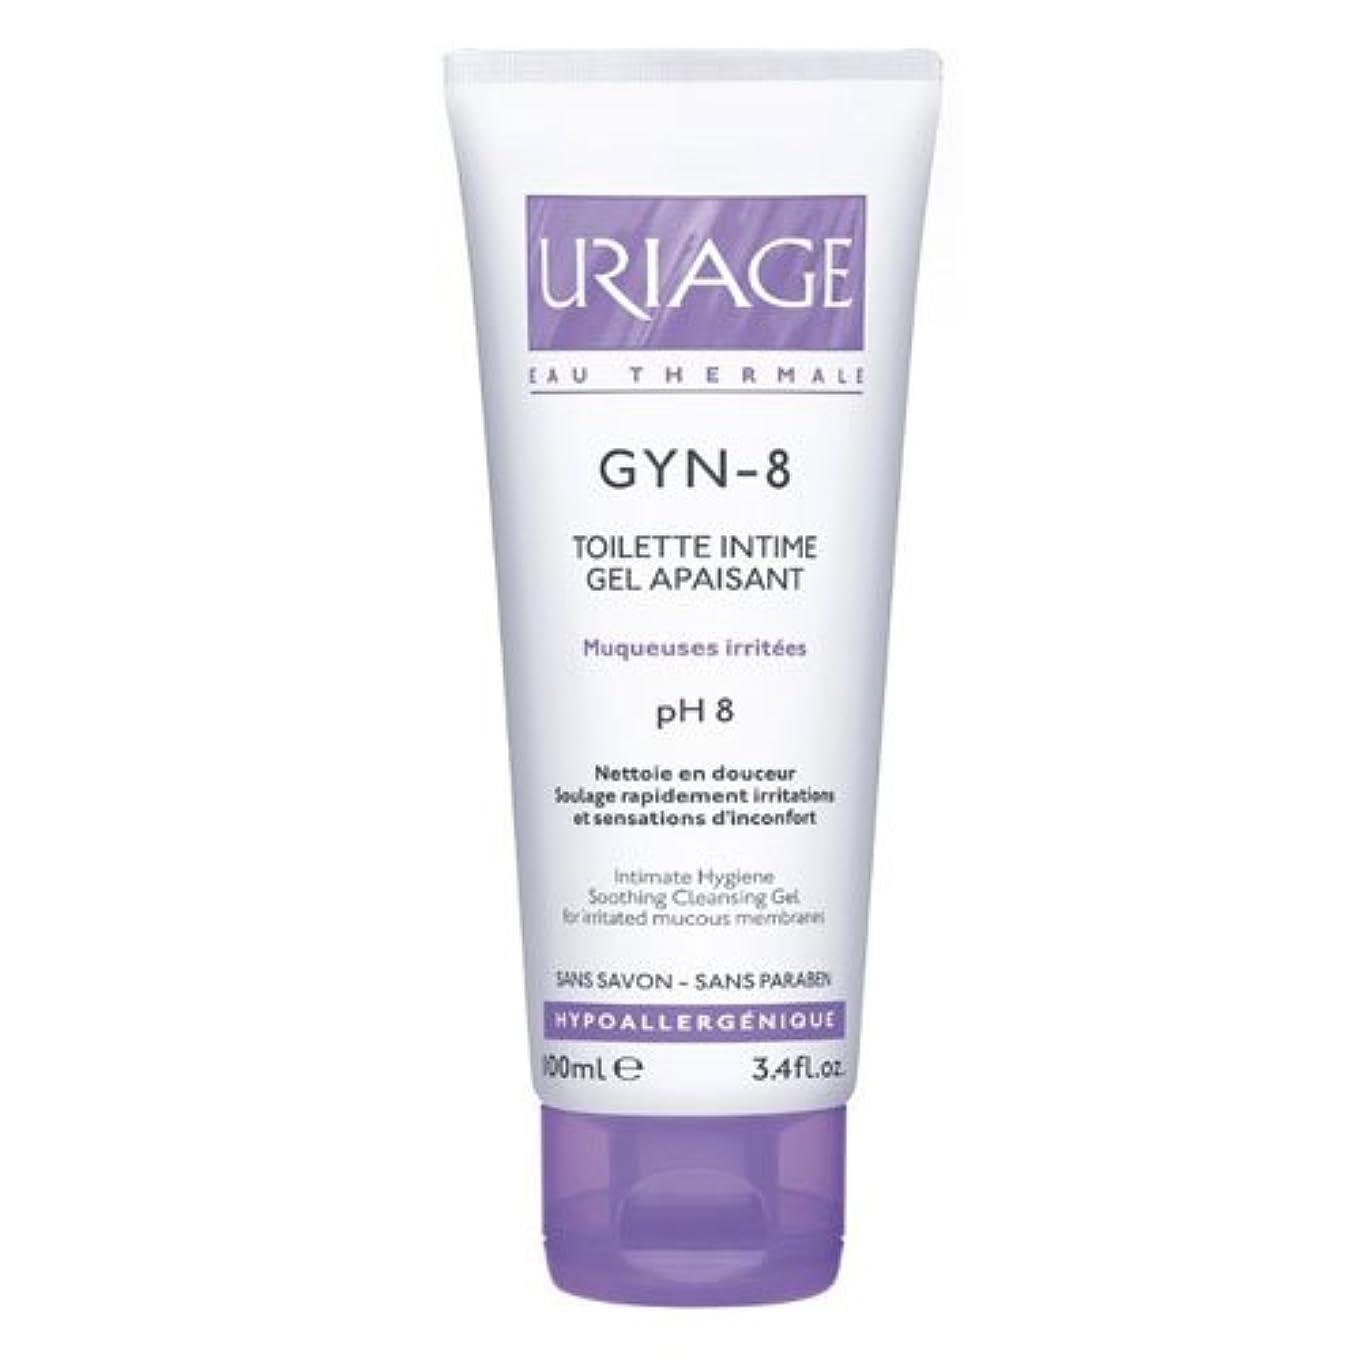 味脅かすネーピアUriage Gyn 8 Intimate Hygiene Soothing Cleansing Gel 100ml [並行輸入品]